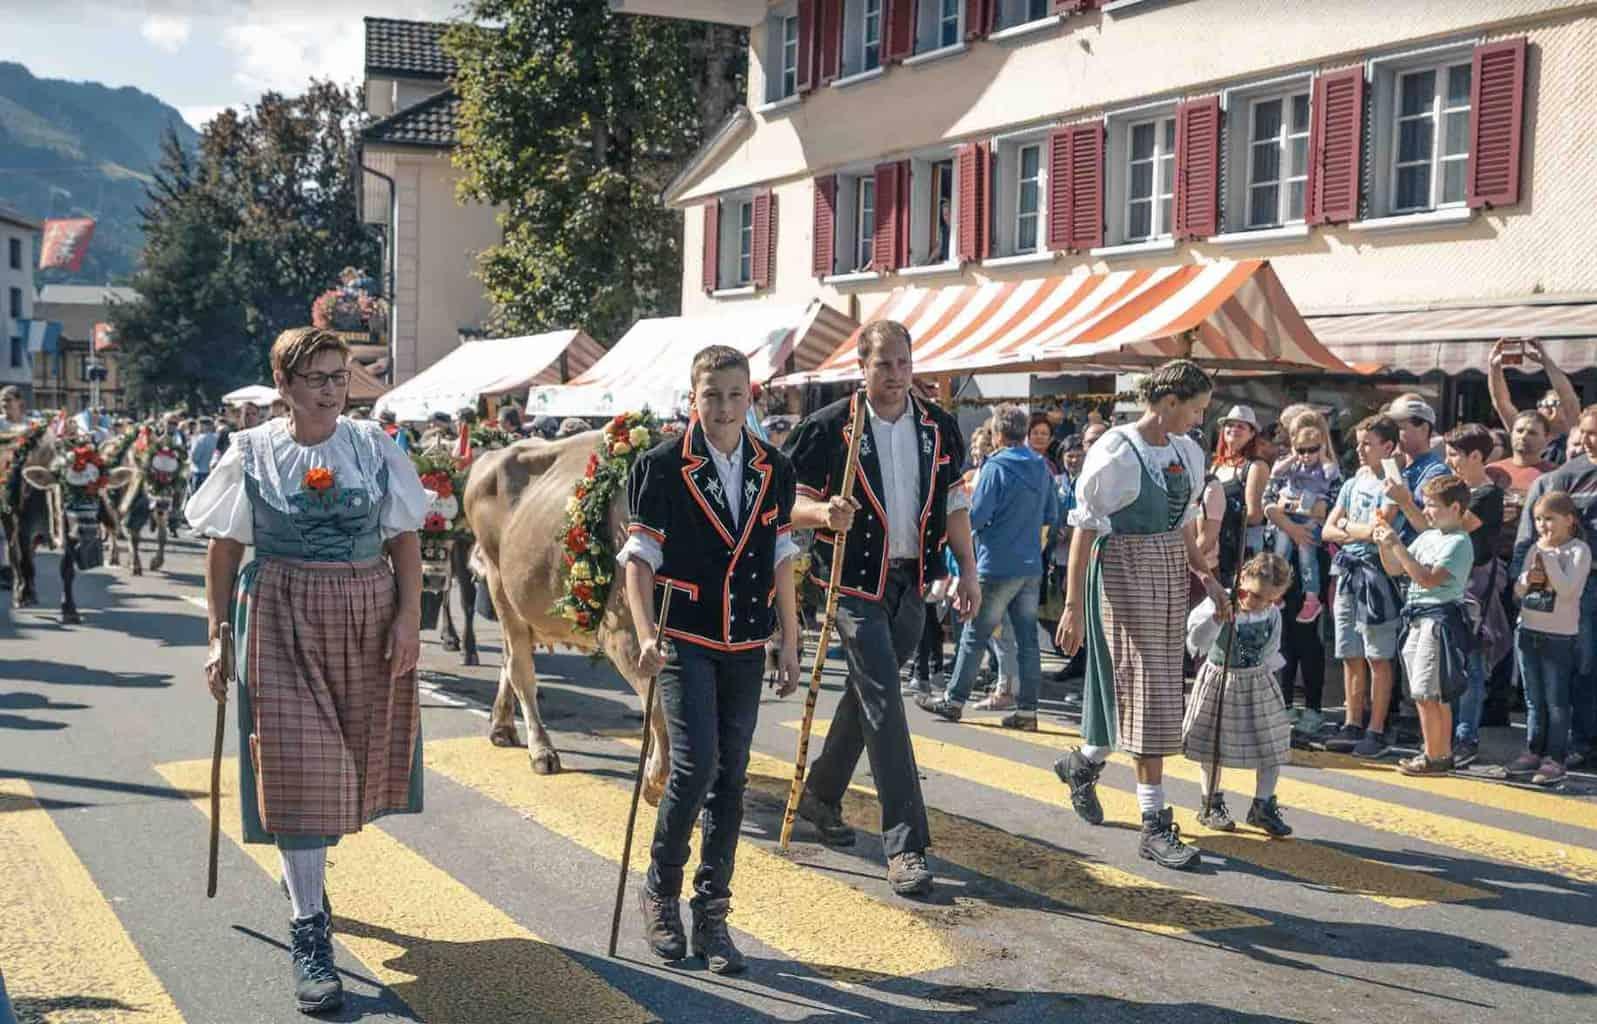 Entlebuch Alpabfahrt. Alpine cow festival Switzerland